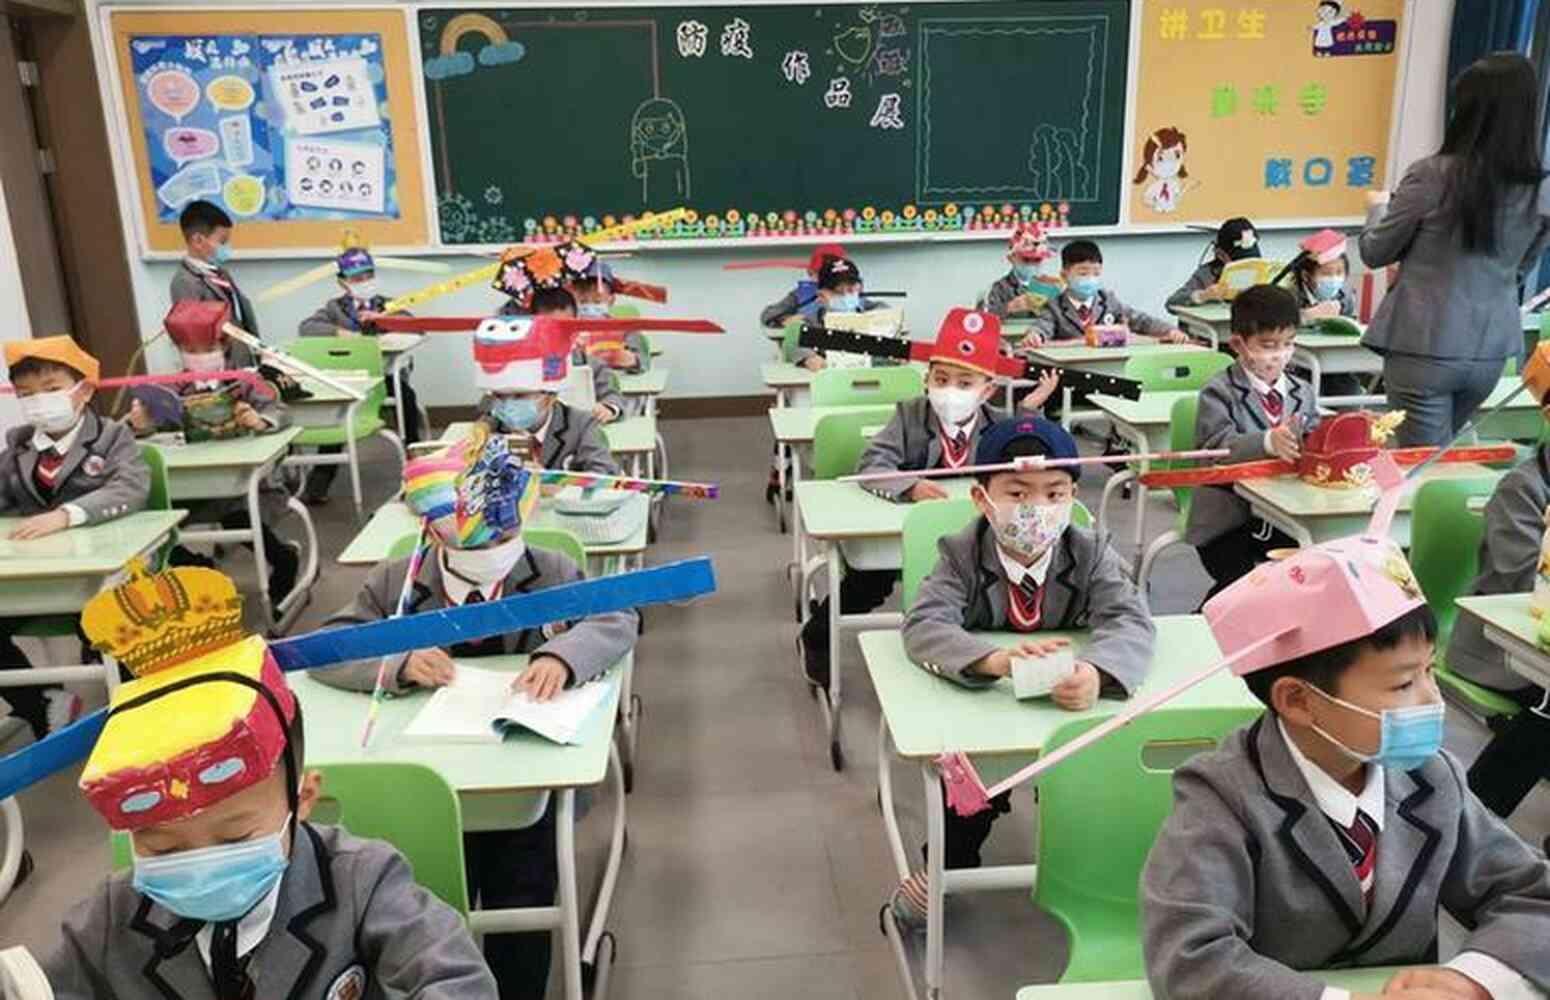 China - hats